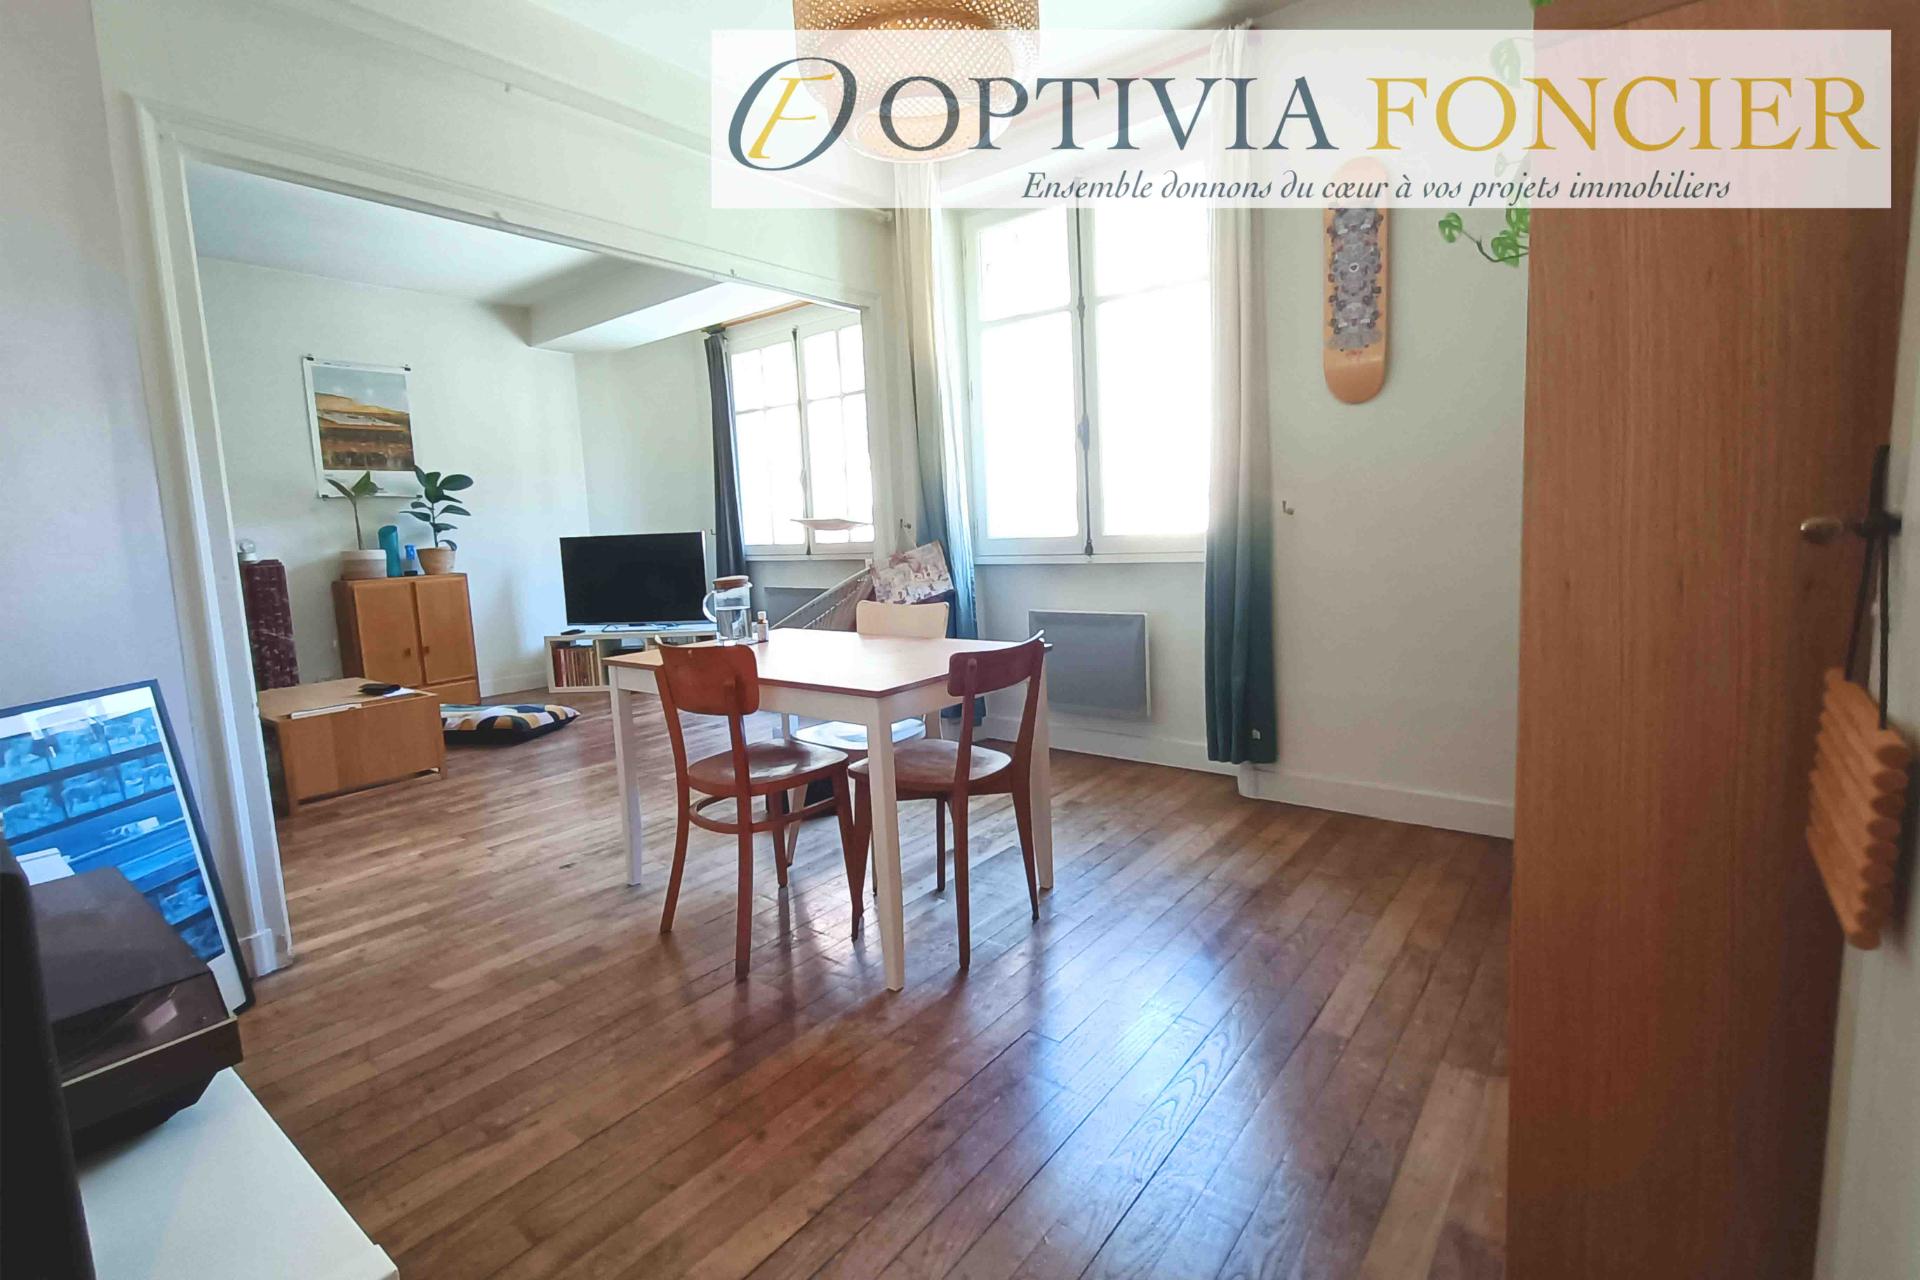 Appartement T3 RENNES centre 80 m² avec ascenseur (cave, grenier et local vélo commun)